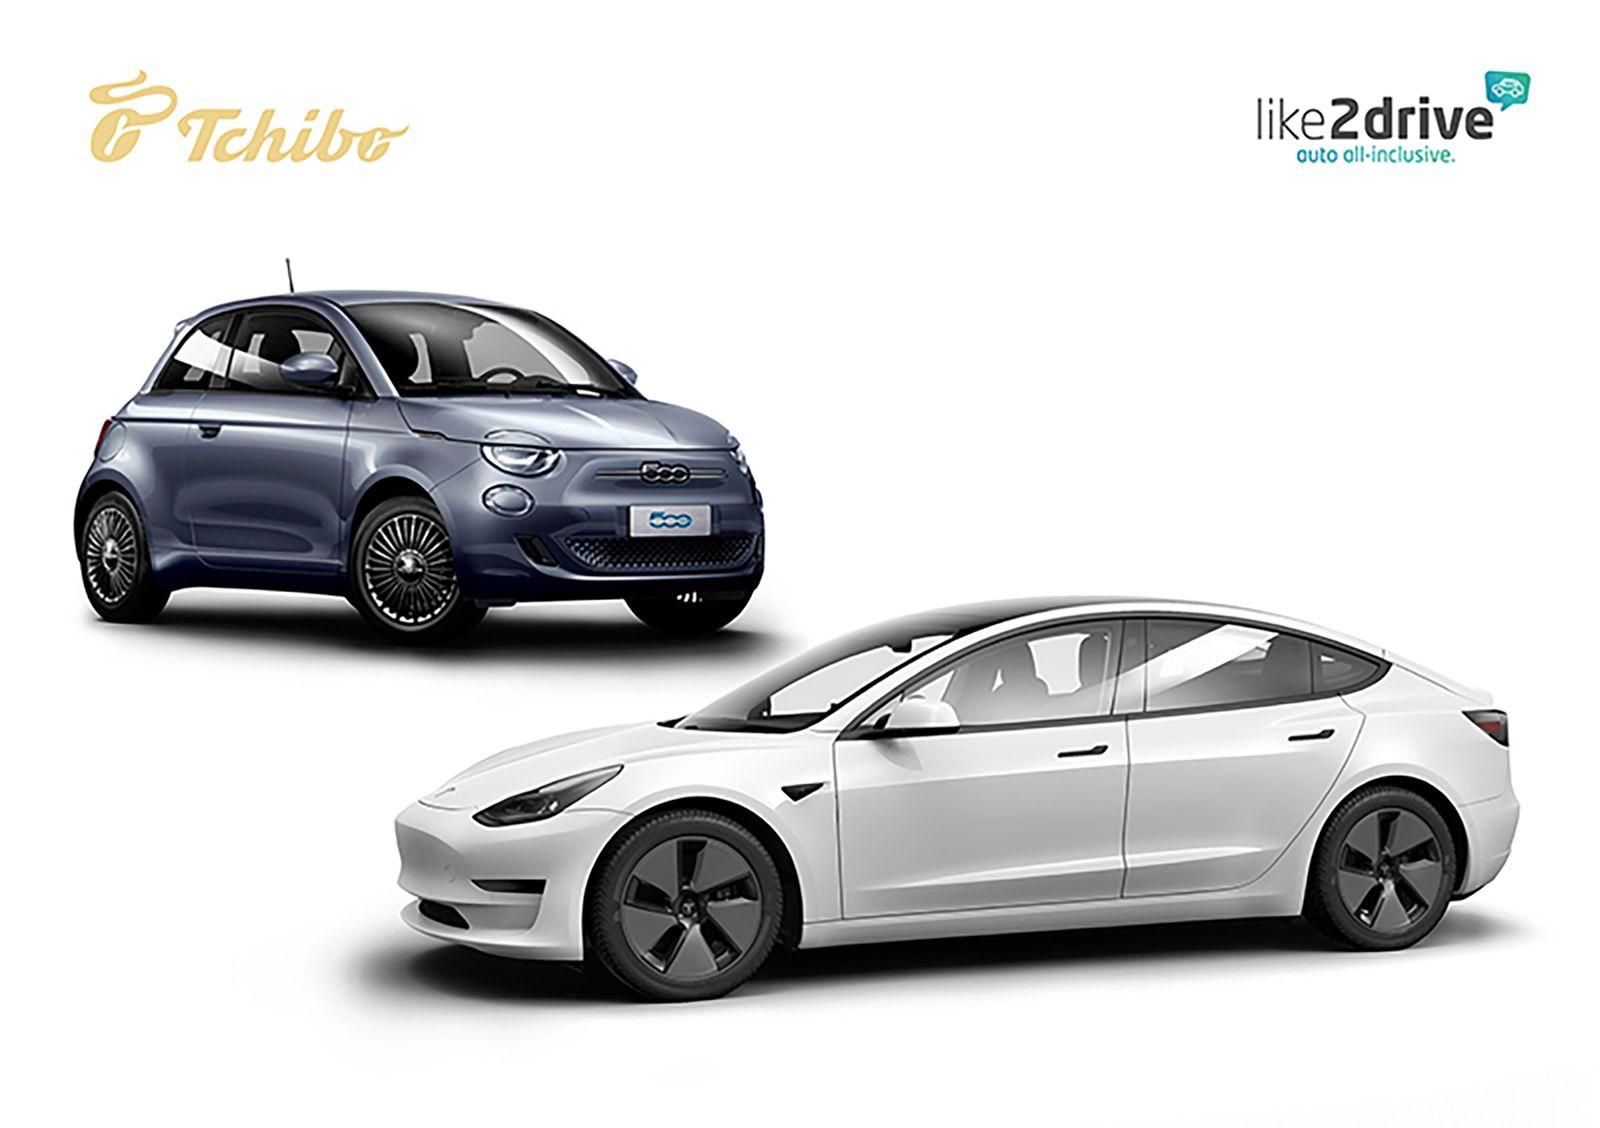 Tchibo Abo für Autos mit Tesla Model 3 und Fiat 500